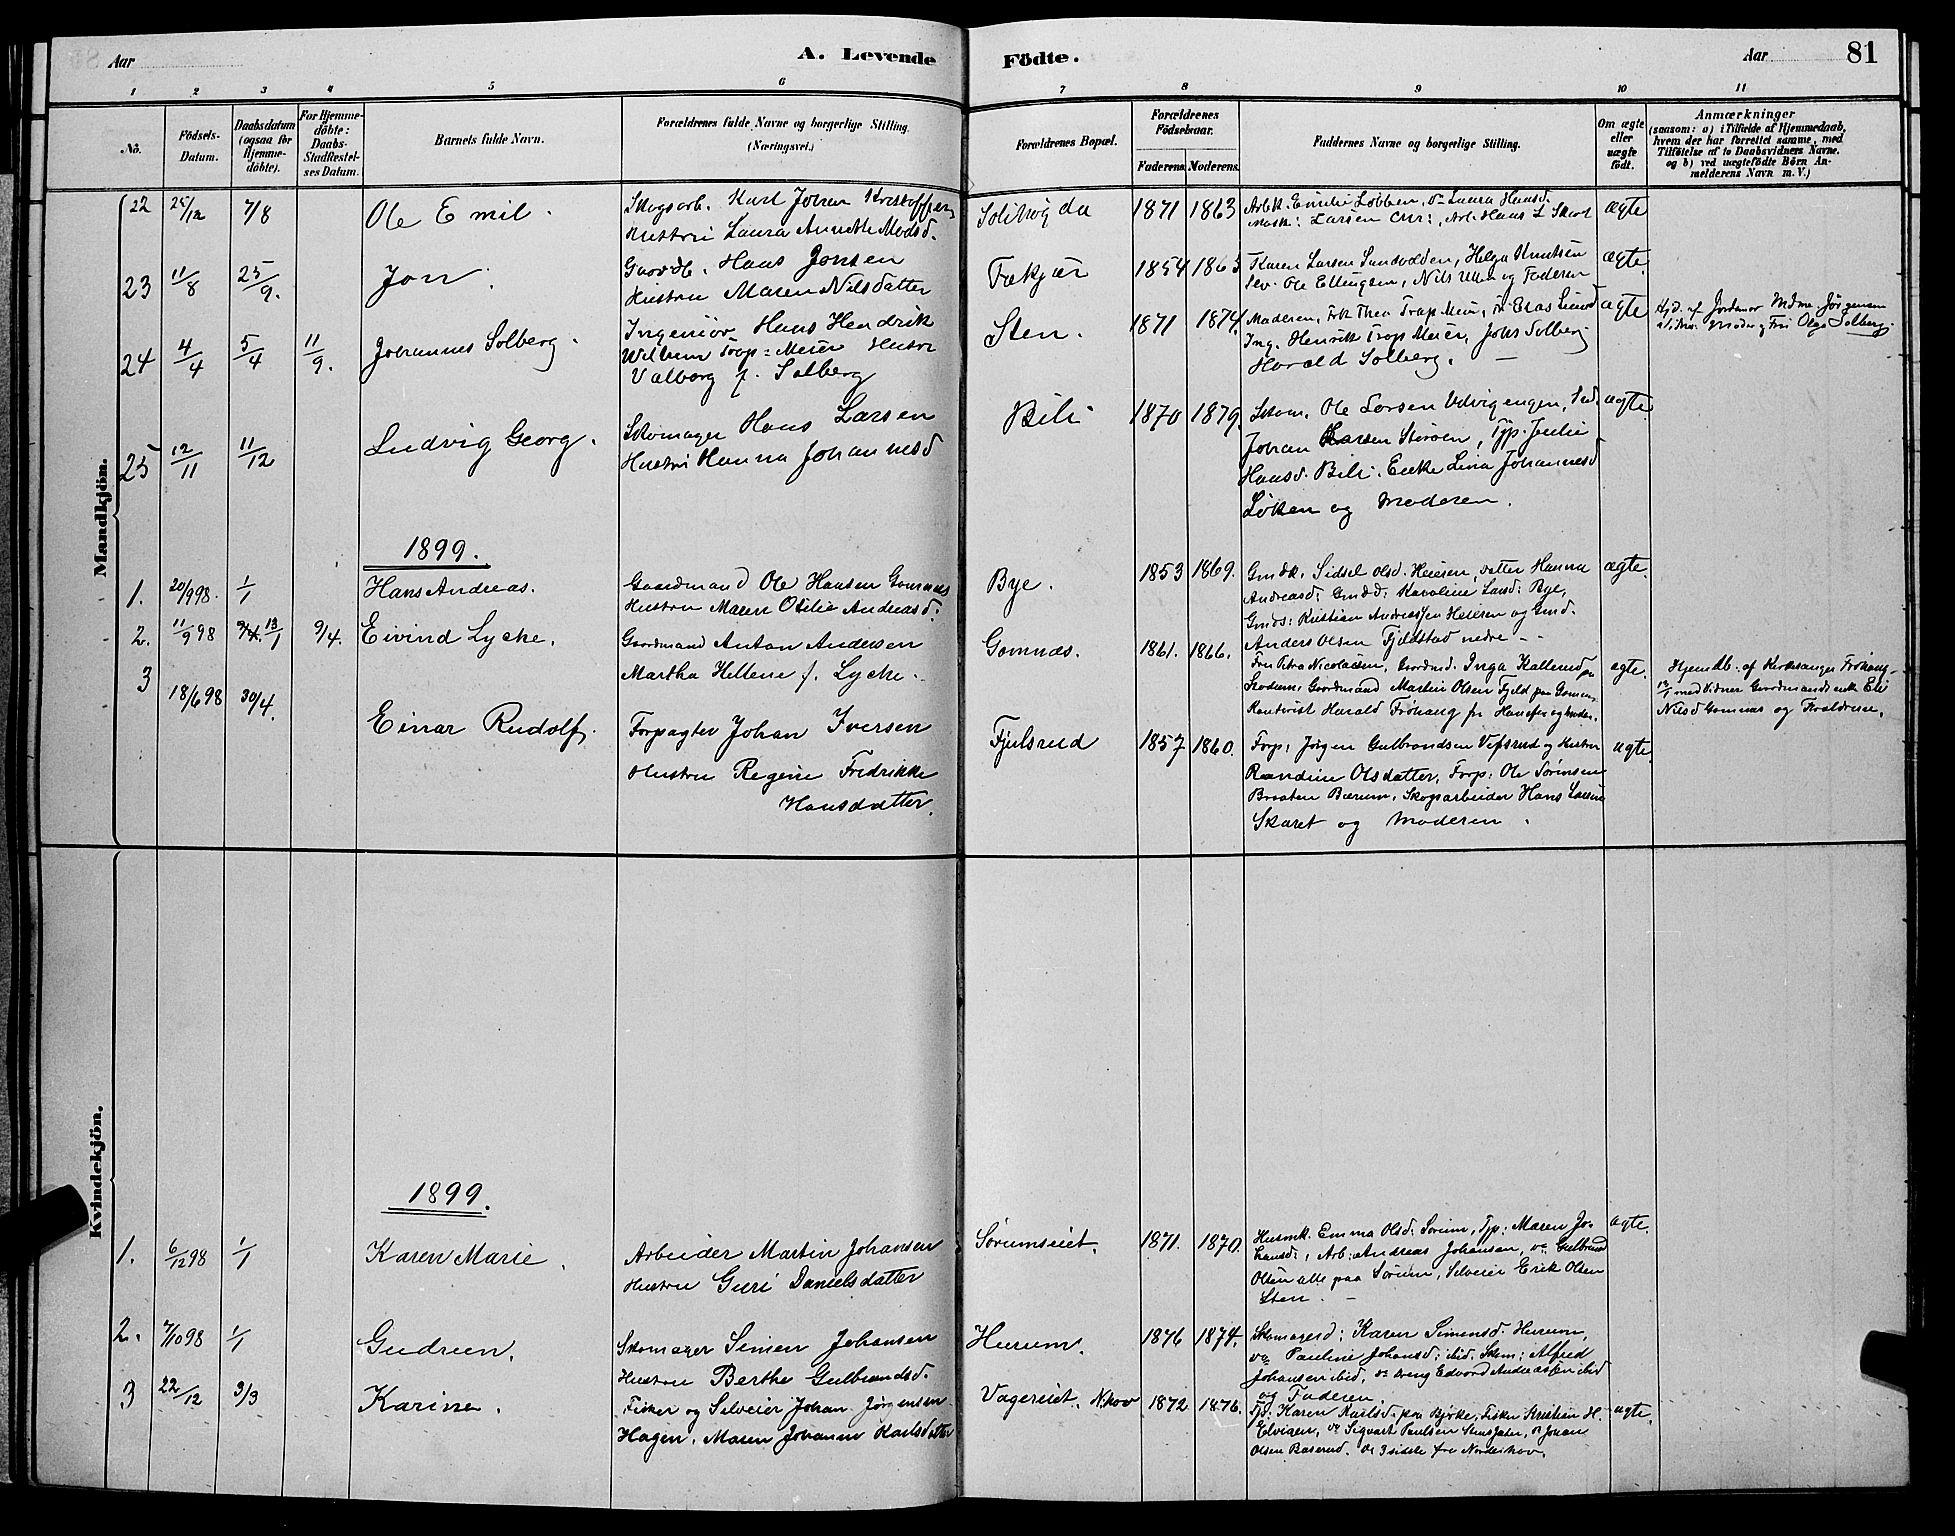 SAKO, Hole kirkebøker, G/Ga/L0003: Klokkerbok nr. I 3, 1879-1904, s. 81